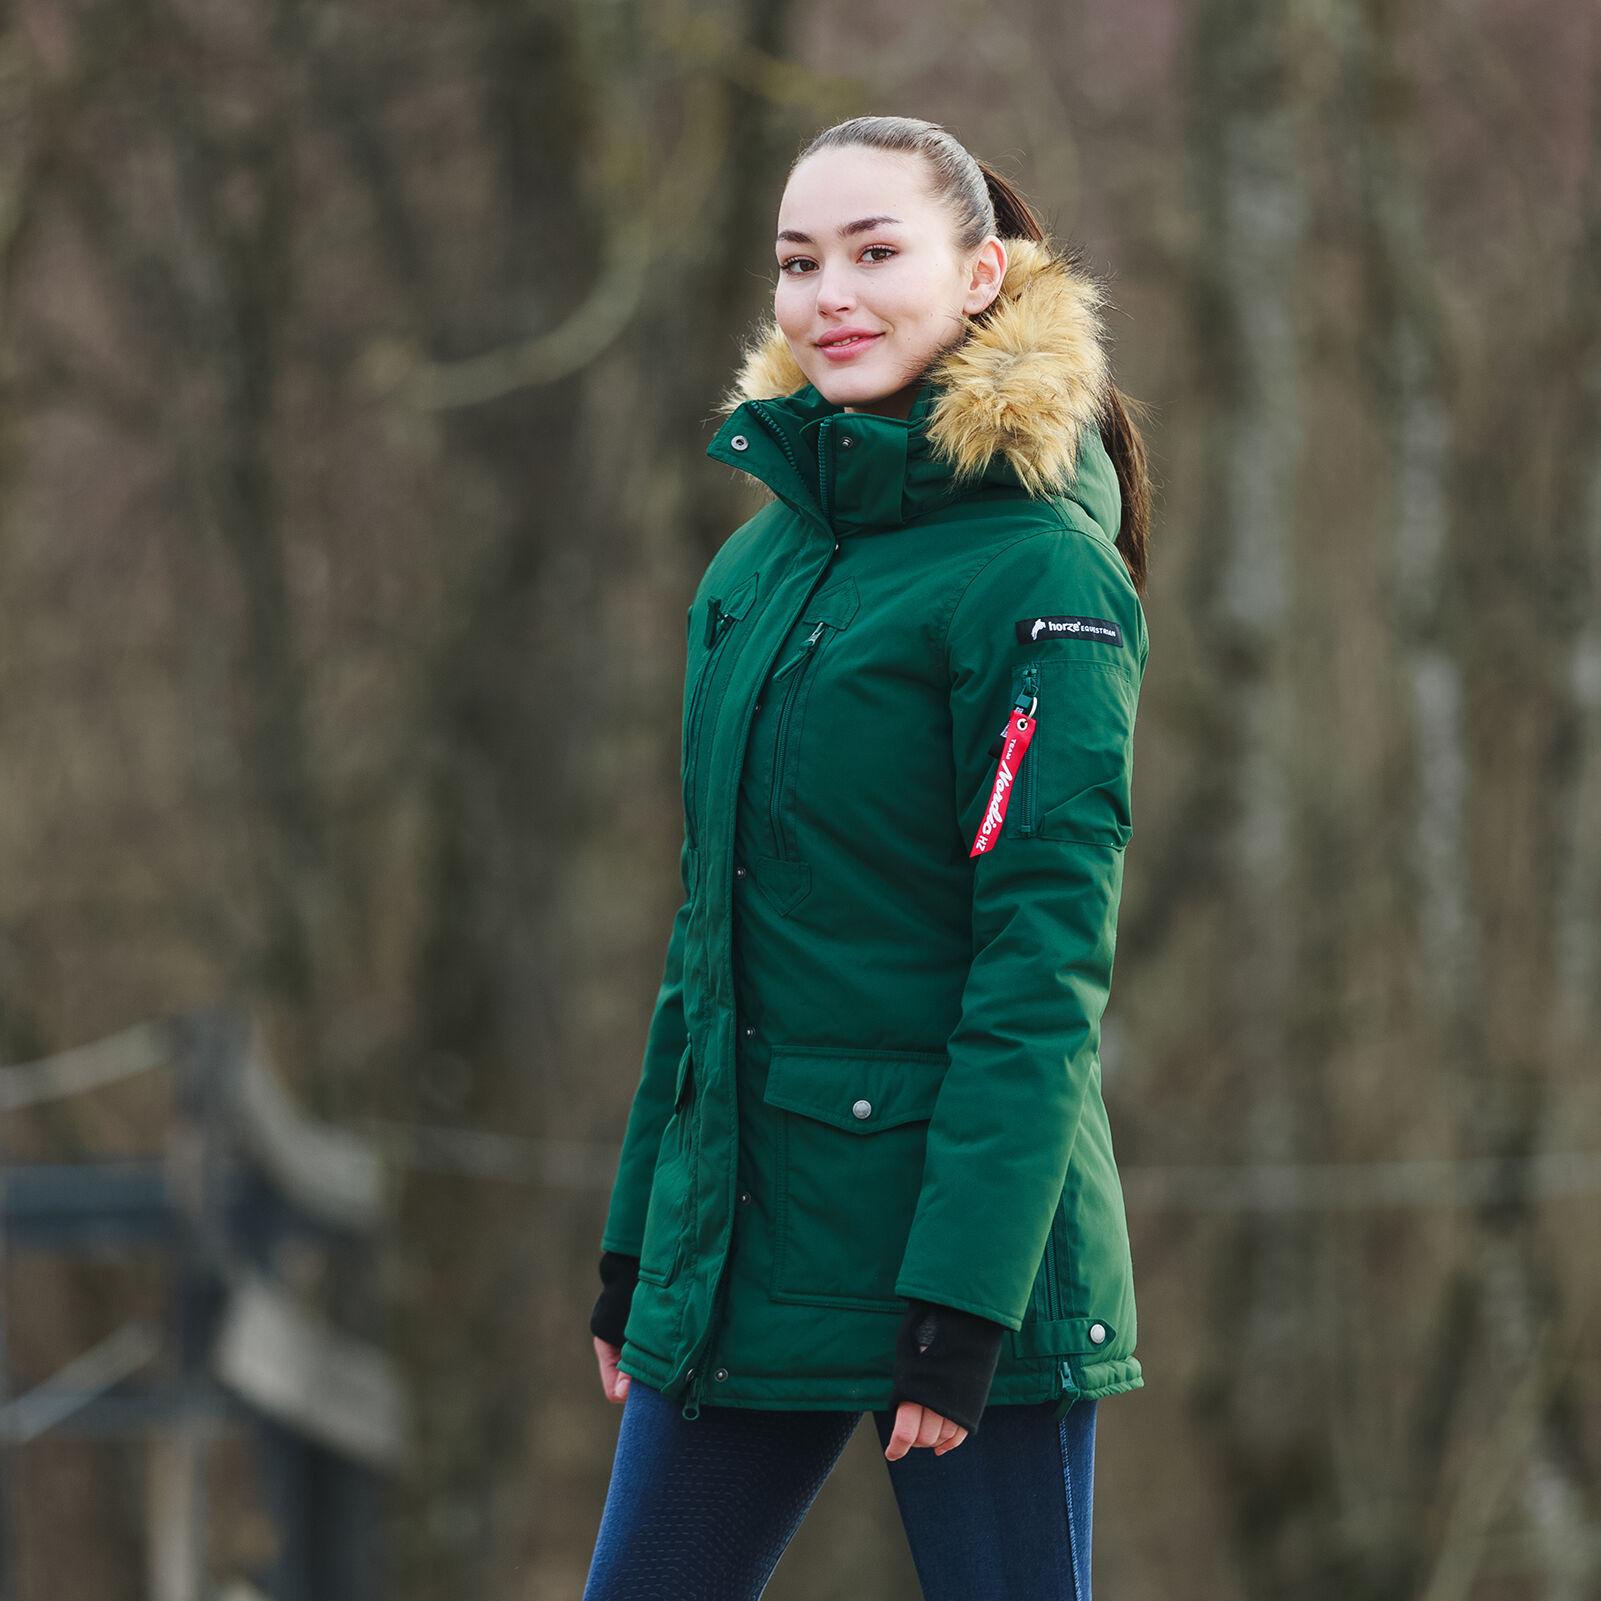 Köp Ridjackor & kappor dam online till ett förmånligt pris